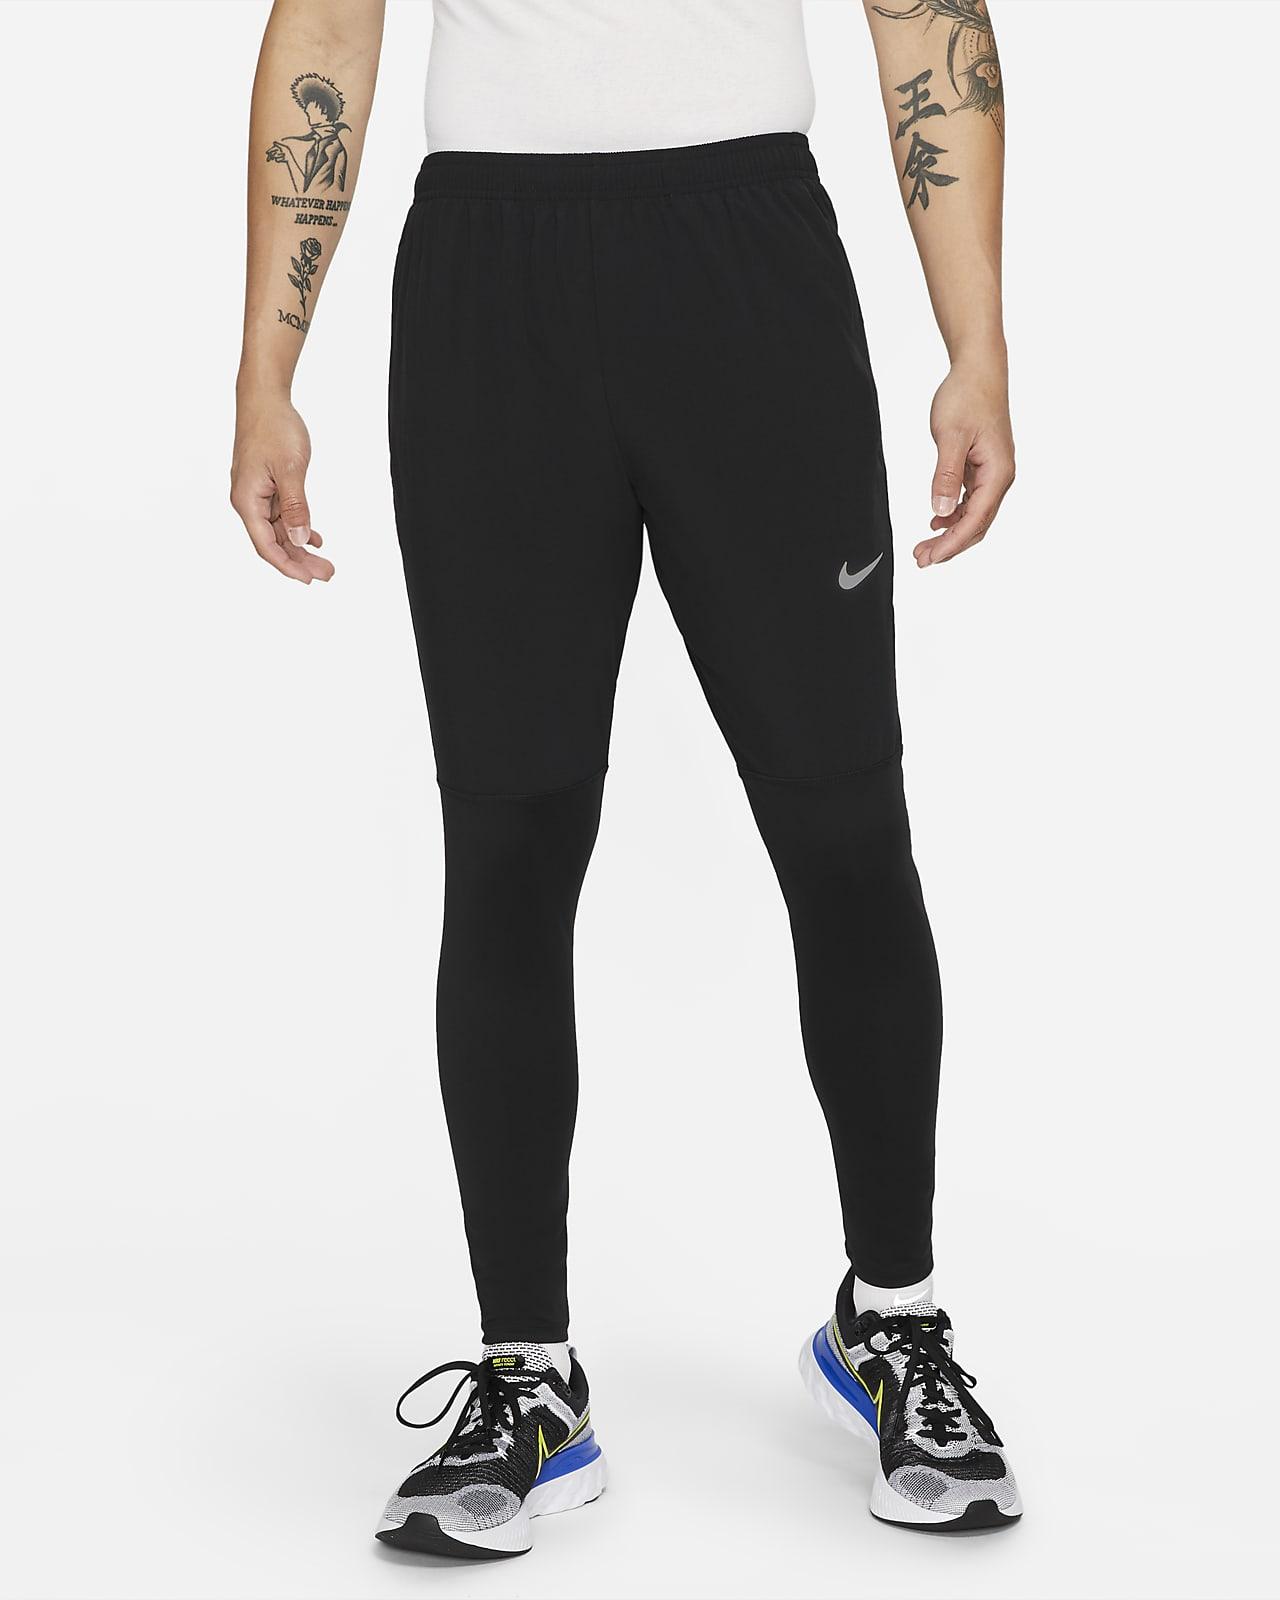 Nike Dri-FIT UV Challenger Men's Woven Hybrid Running Pants